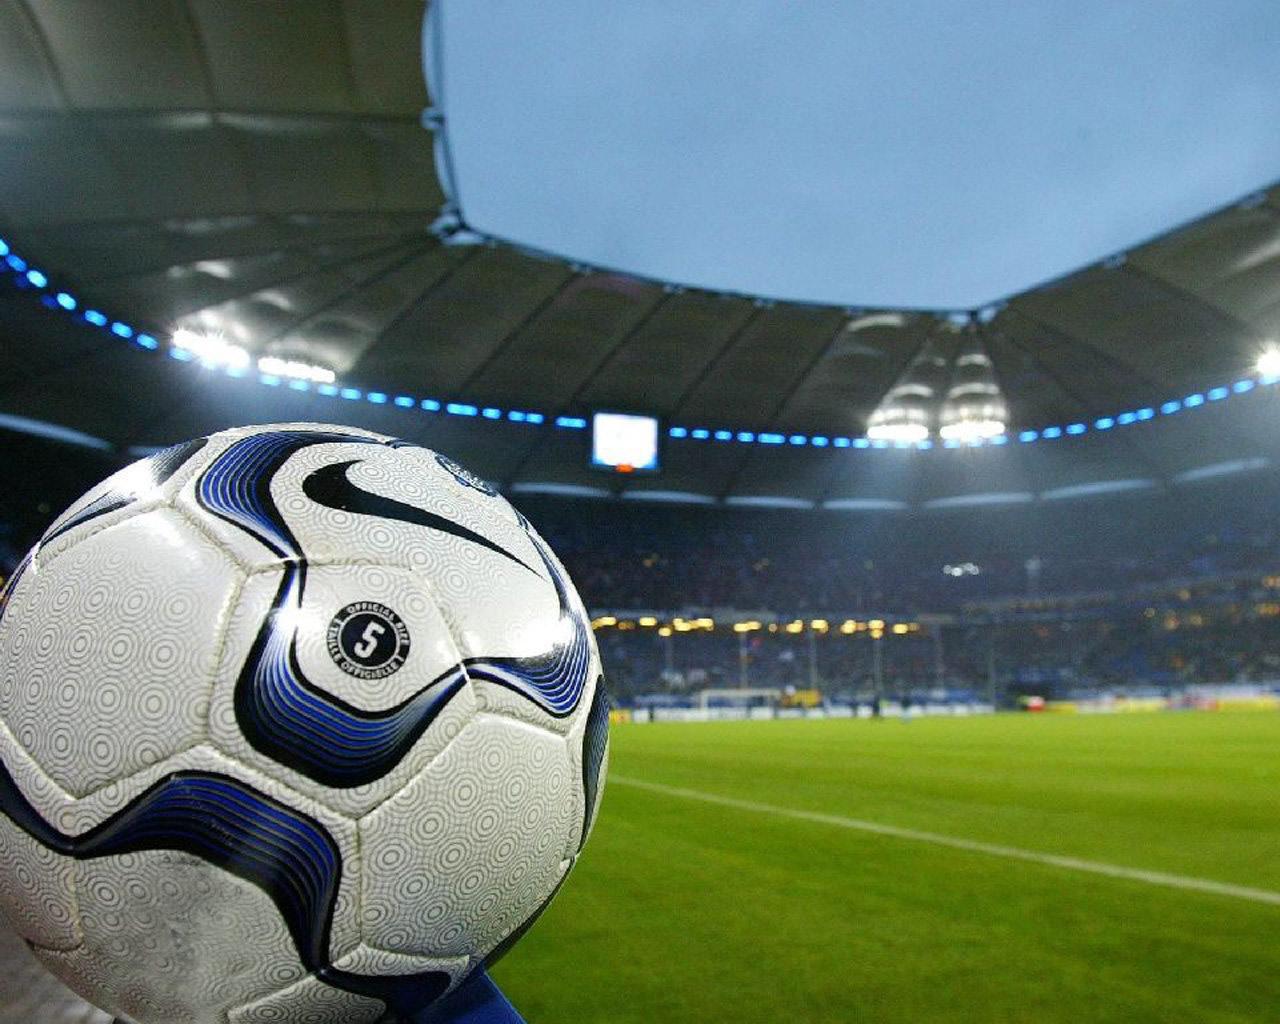 El Campo De Futbol El Juego Se Establece En El Campo Del Futbol